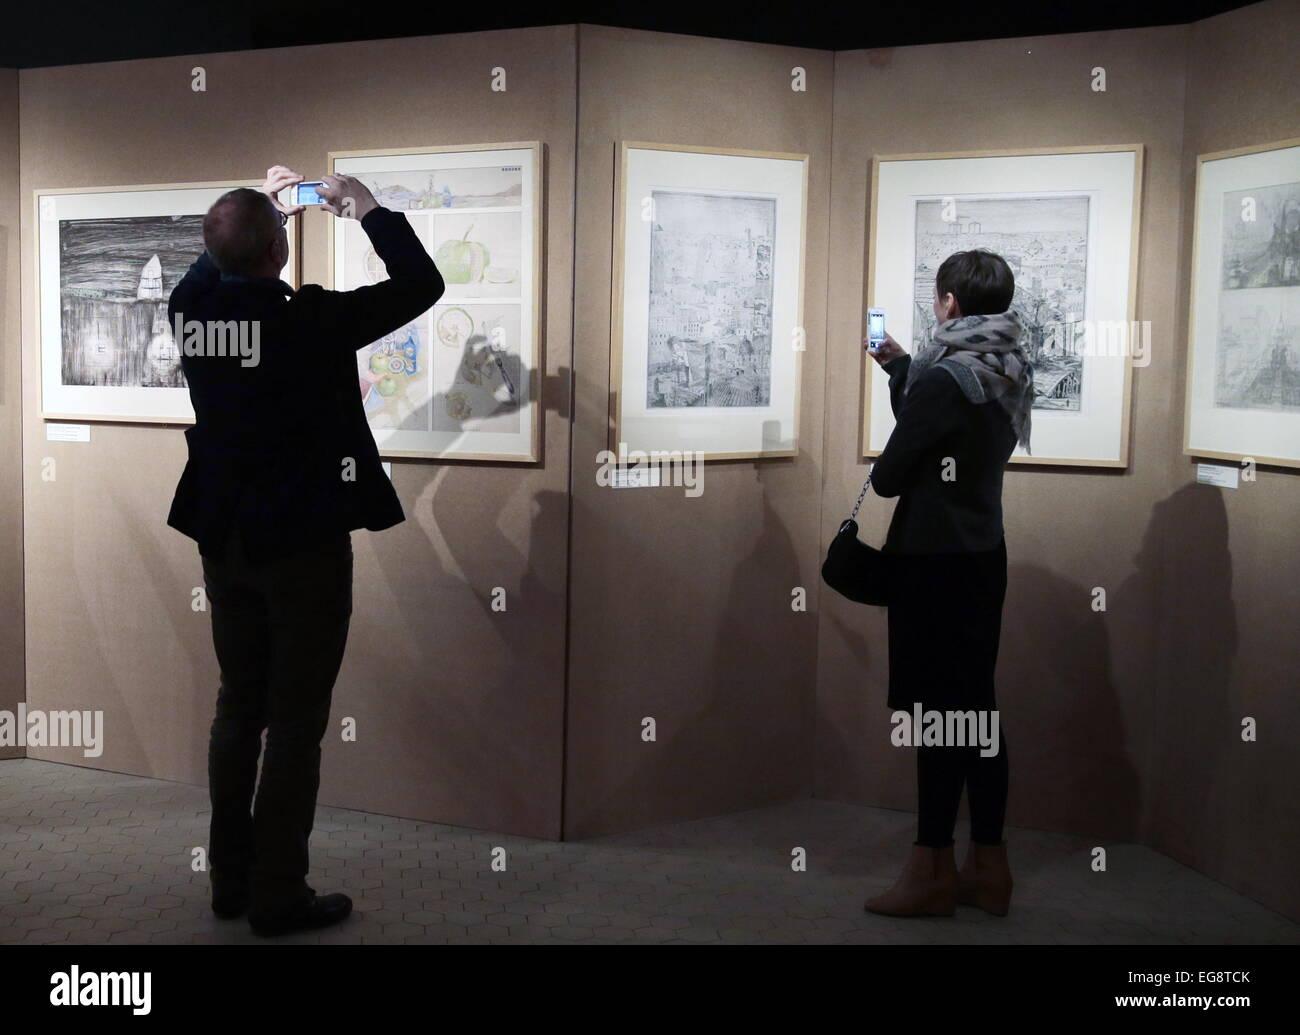 """Moskau, Russland. 19. Februar 2015. Besucher in einer Grafik-Ausstellung mit dem Titel """"Visionary Architecture. Stockbild"""